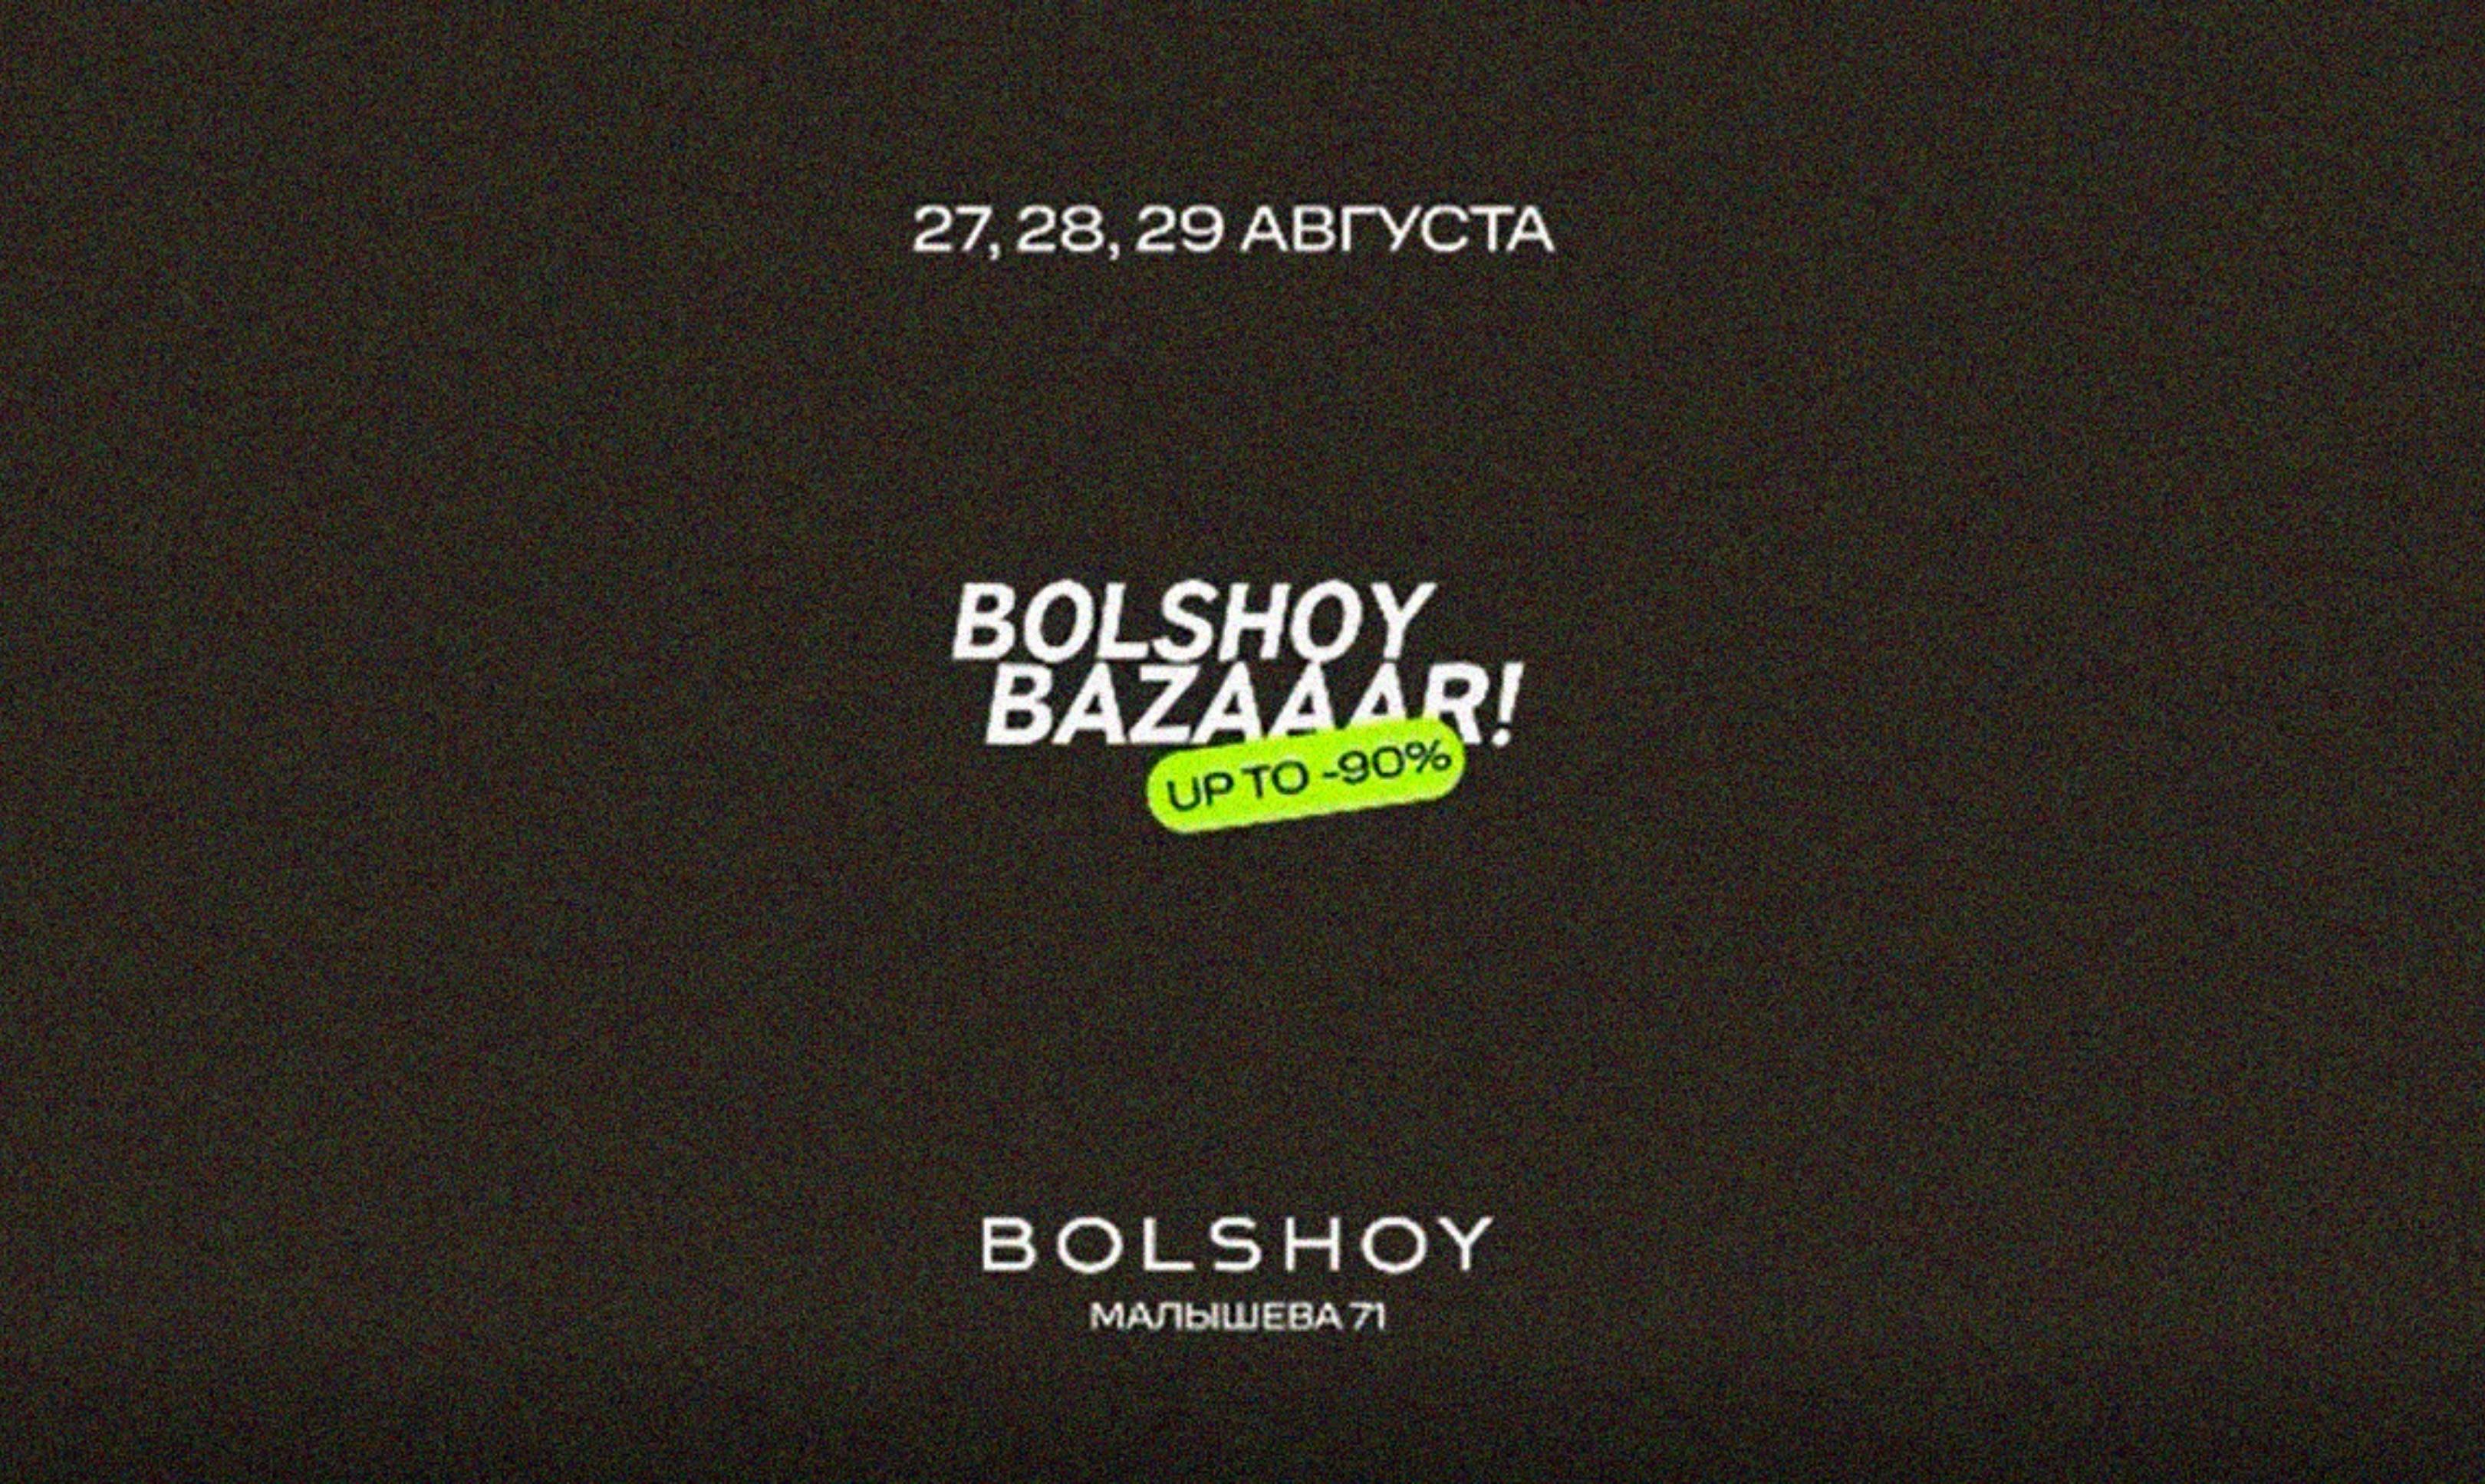 BOLSHOY BAZAAAR: три дня скидок на любимые бренды